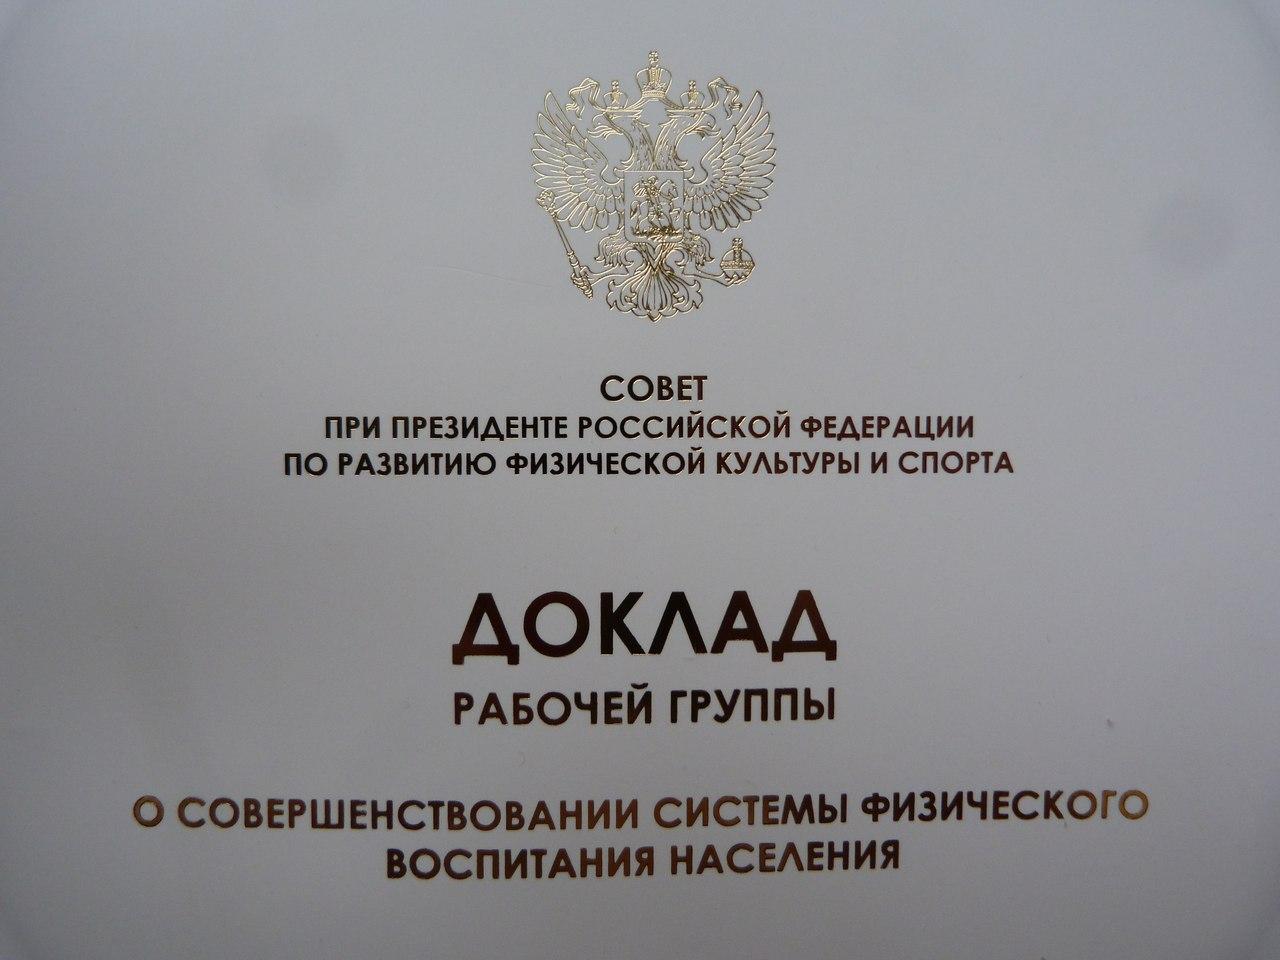 Итоги Госсовета 11 октября 2016 года по физкультуре и спорту при Президенте России